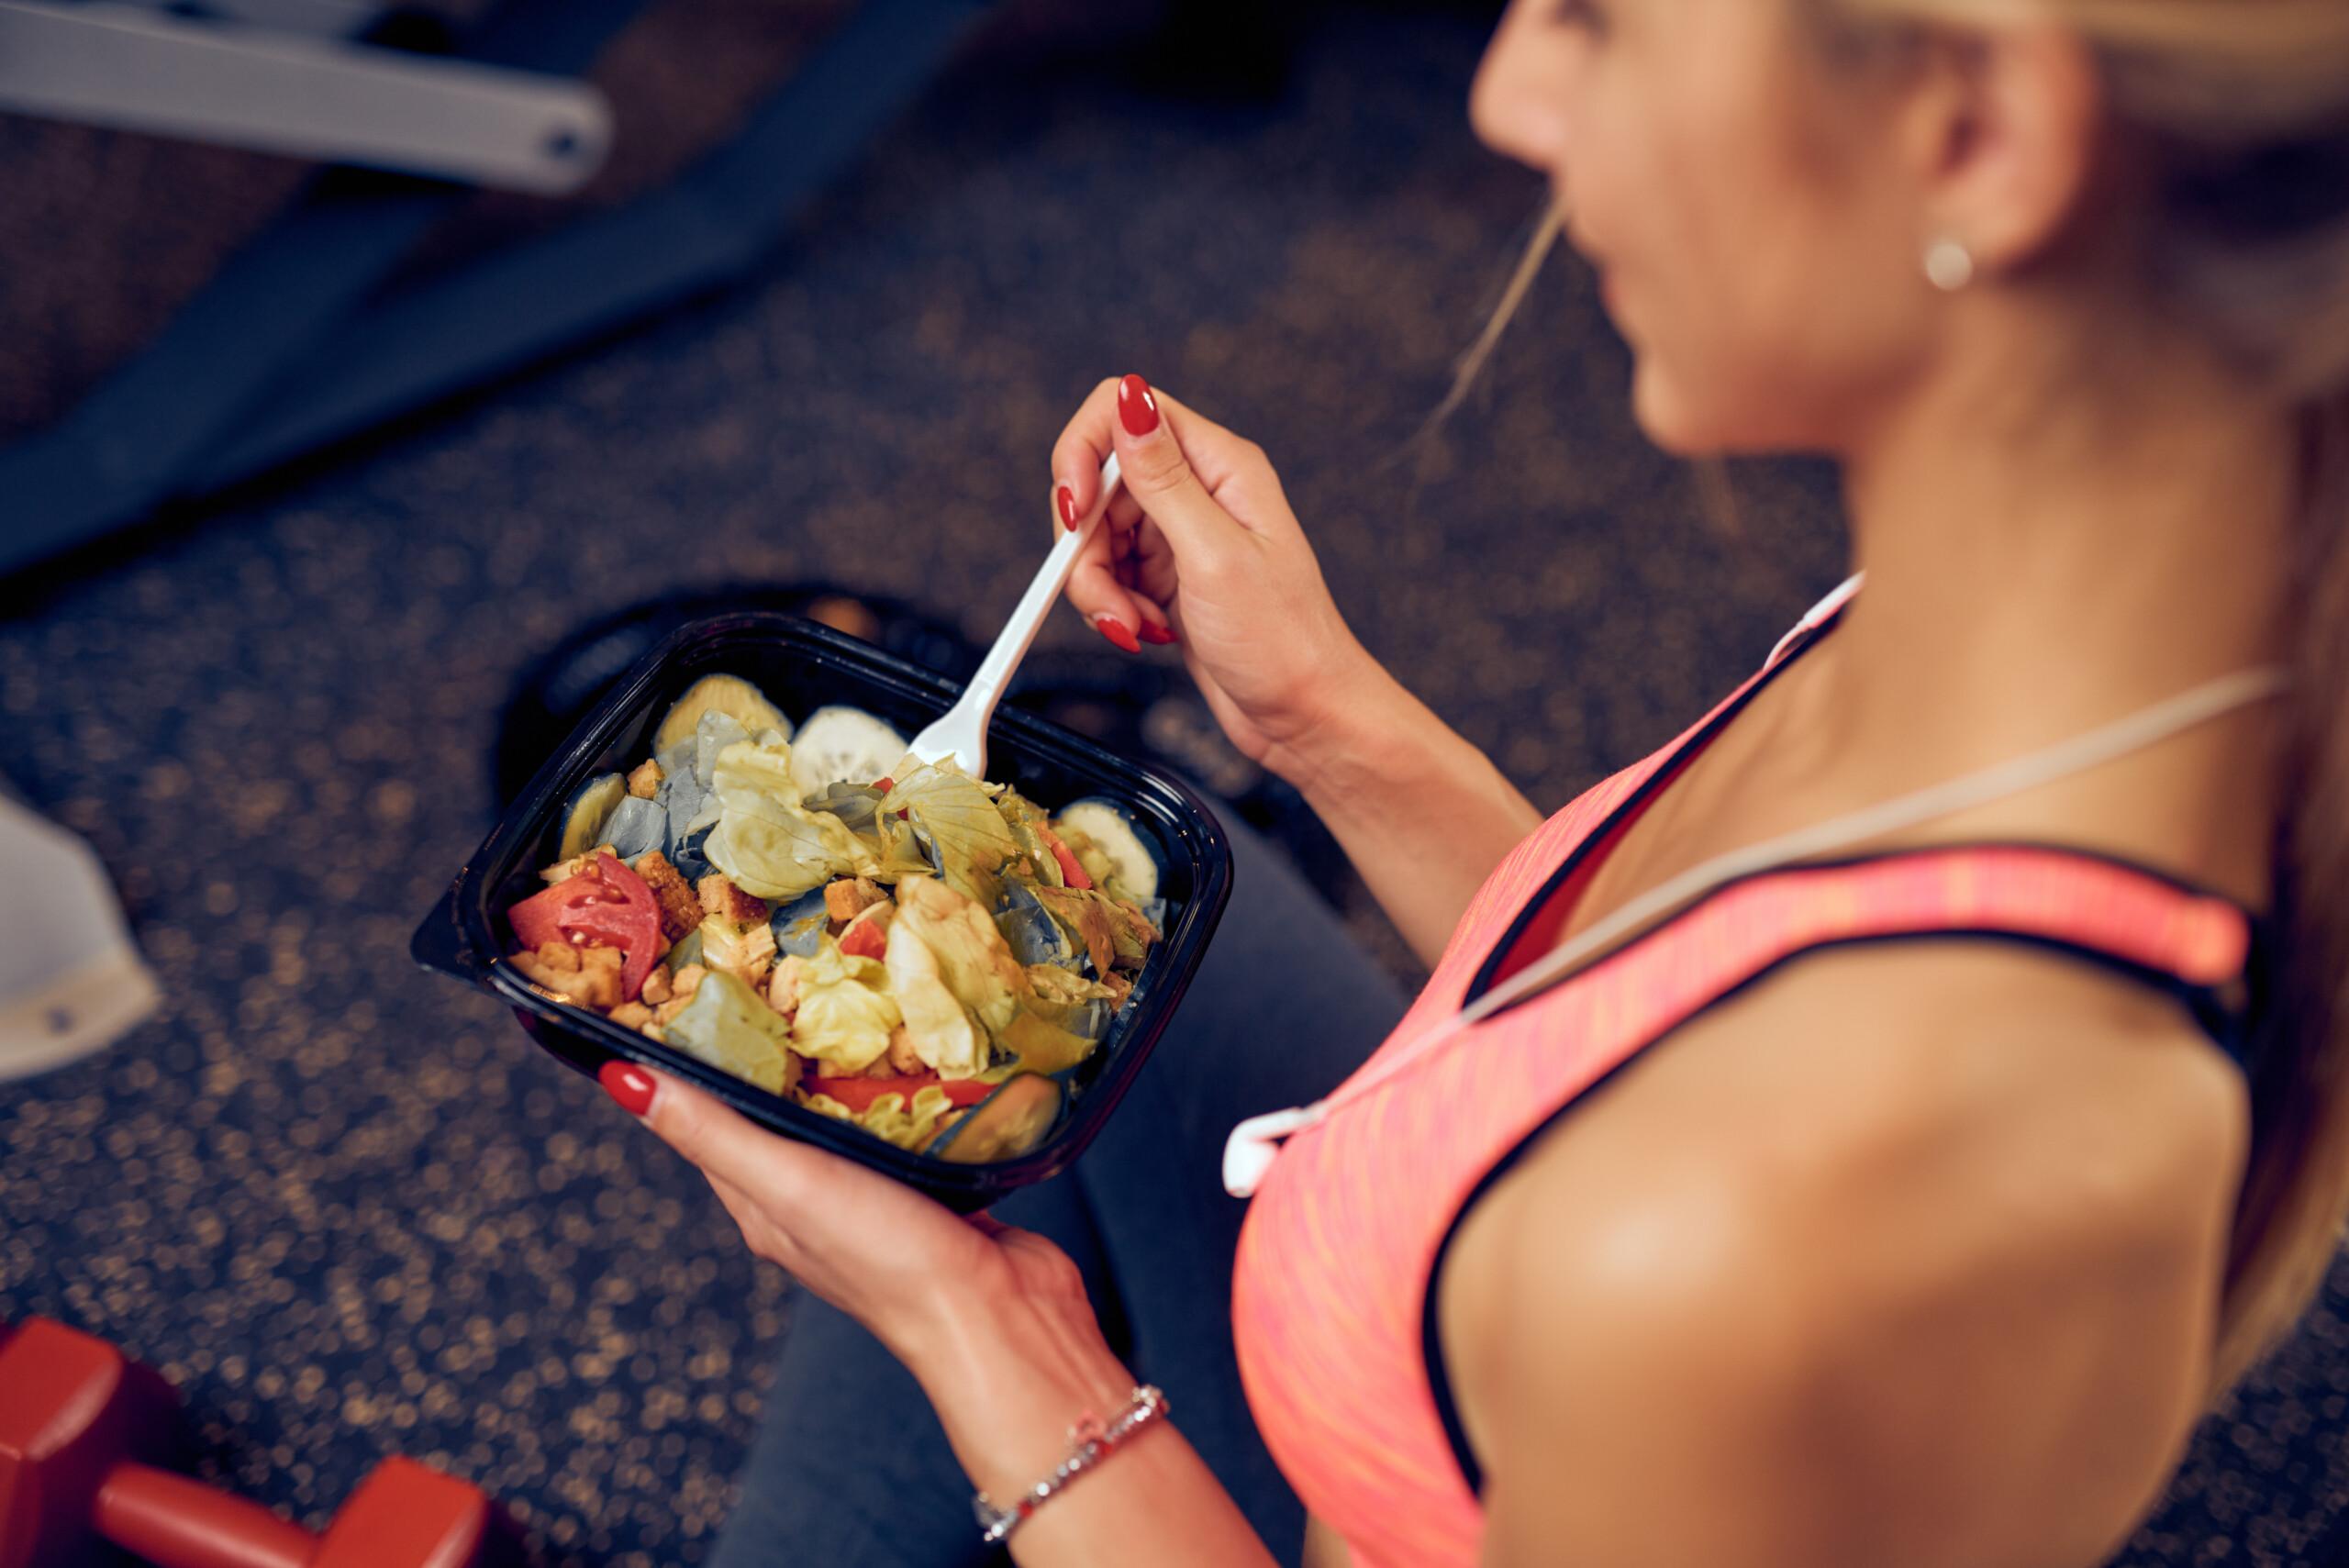 Posiłek po treningu – co powinien zawierać posiłek po treningowy